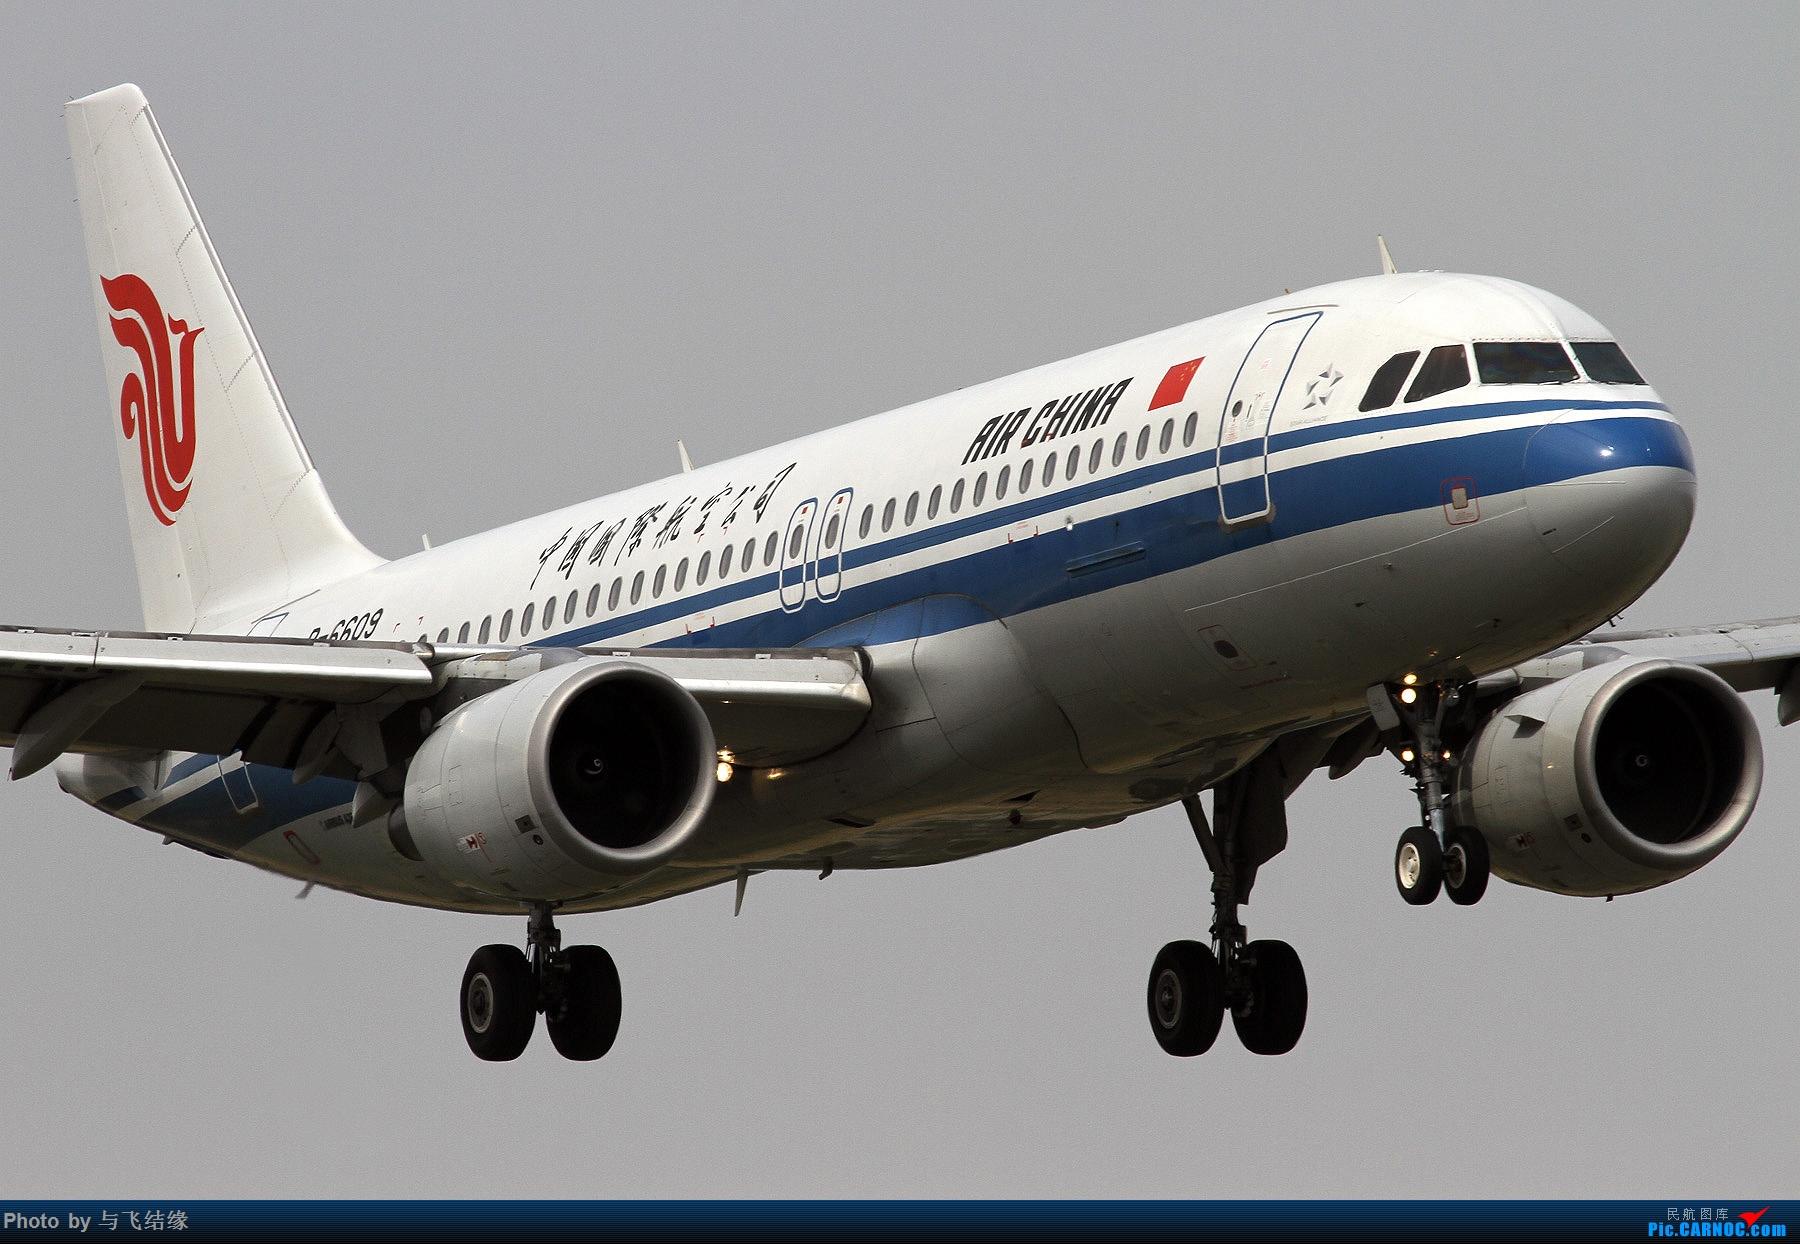 Re:[原创]3.20随便发几张空客320吧! AIRBUS A320-200 B-6609 中国北京首都国际机场